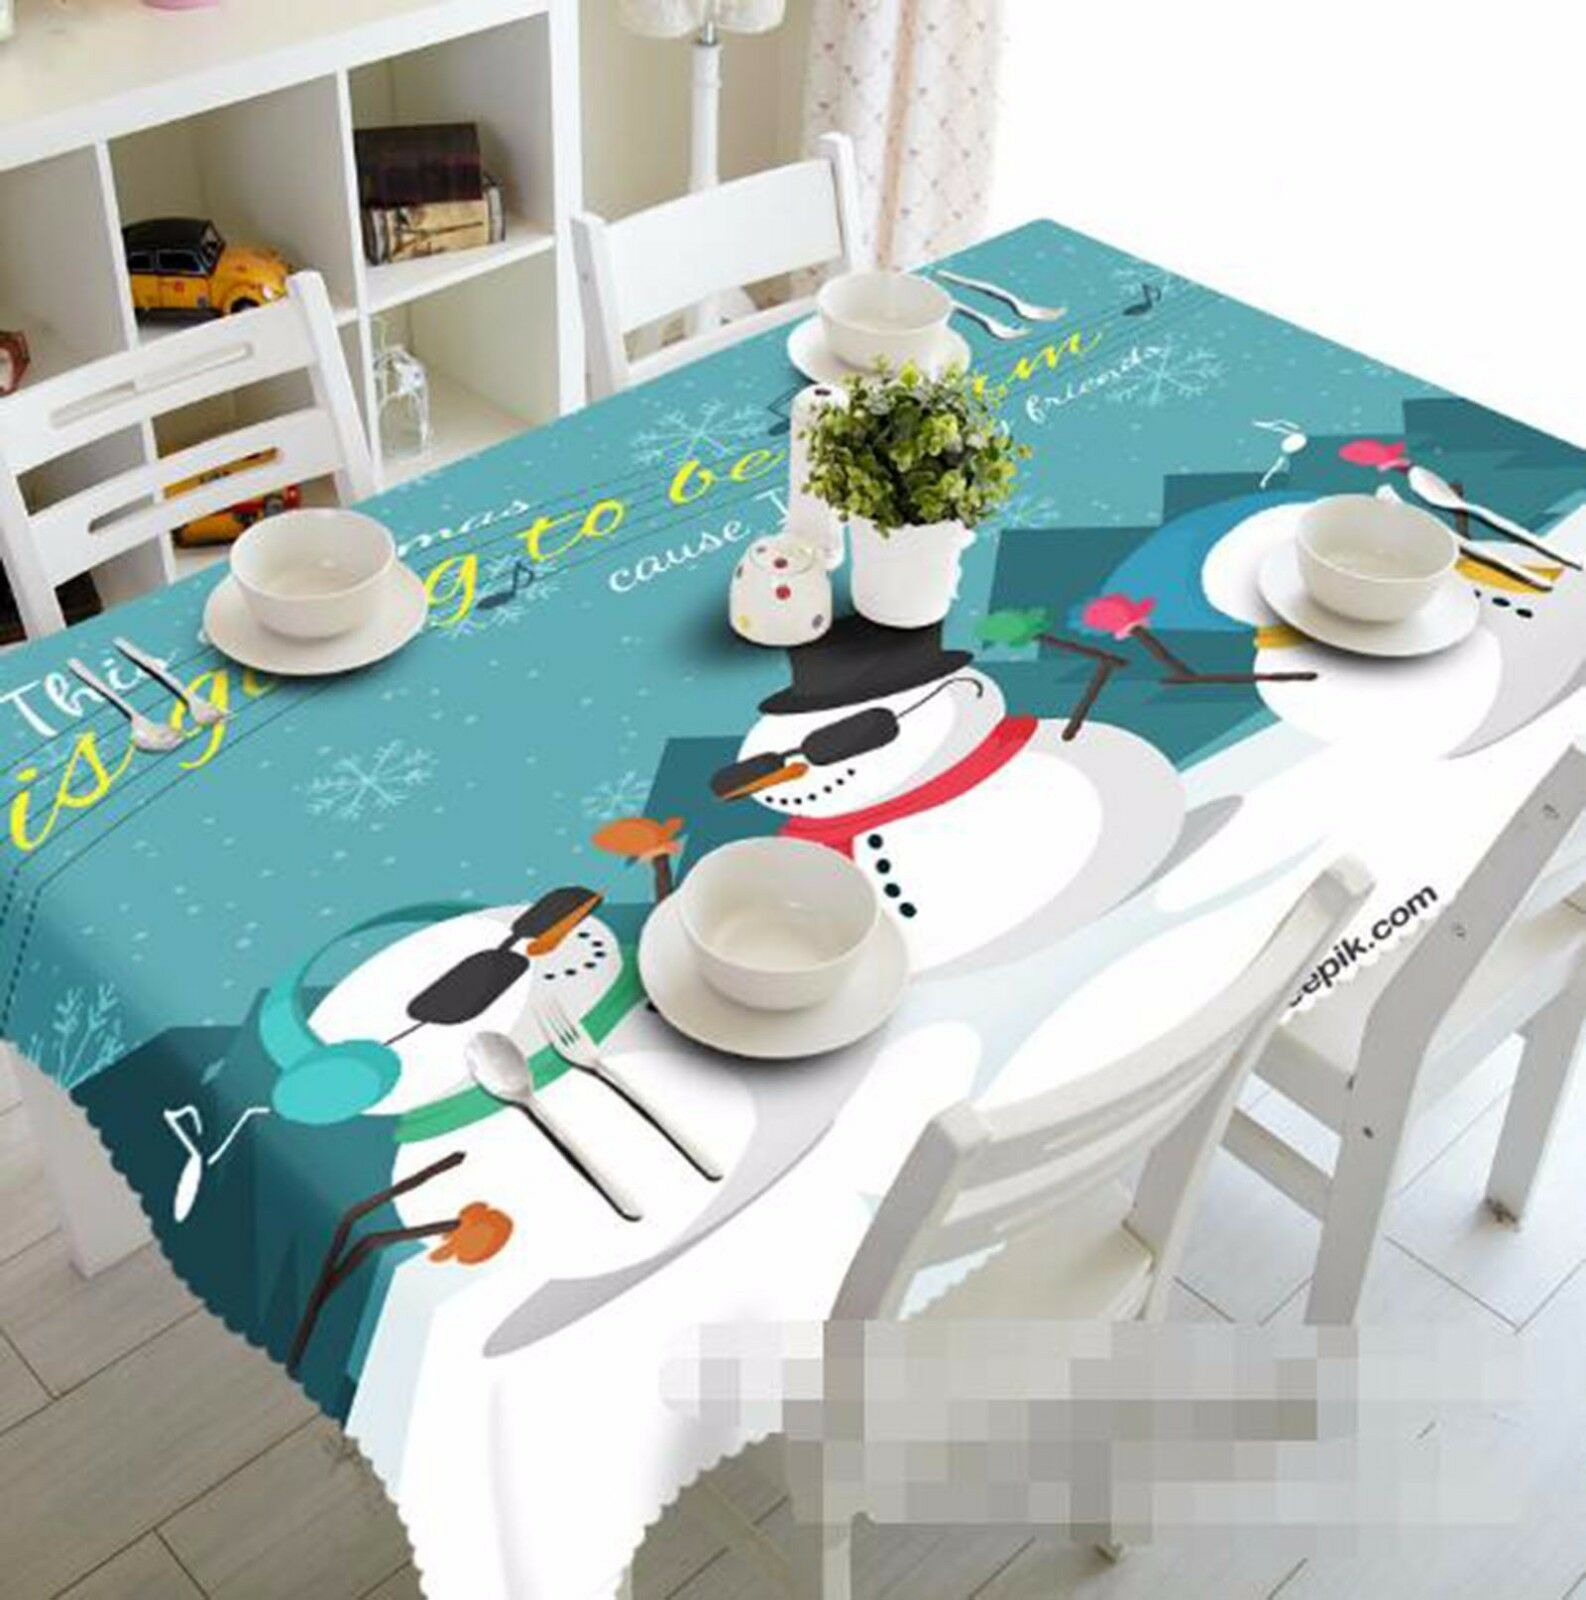 3D Bonhomme de neige 49 Nappe Table Cover Cloth fête d'anniversaire AJ papier peint Royaume-Uni Citron